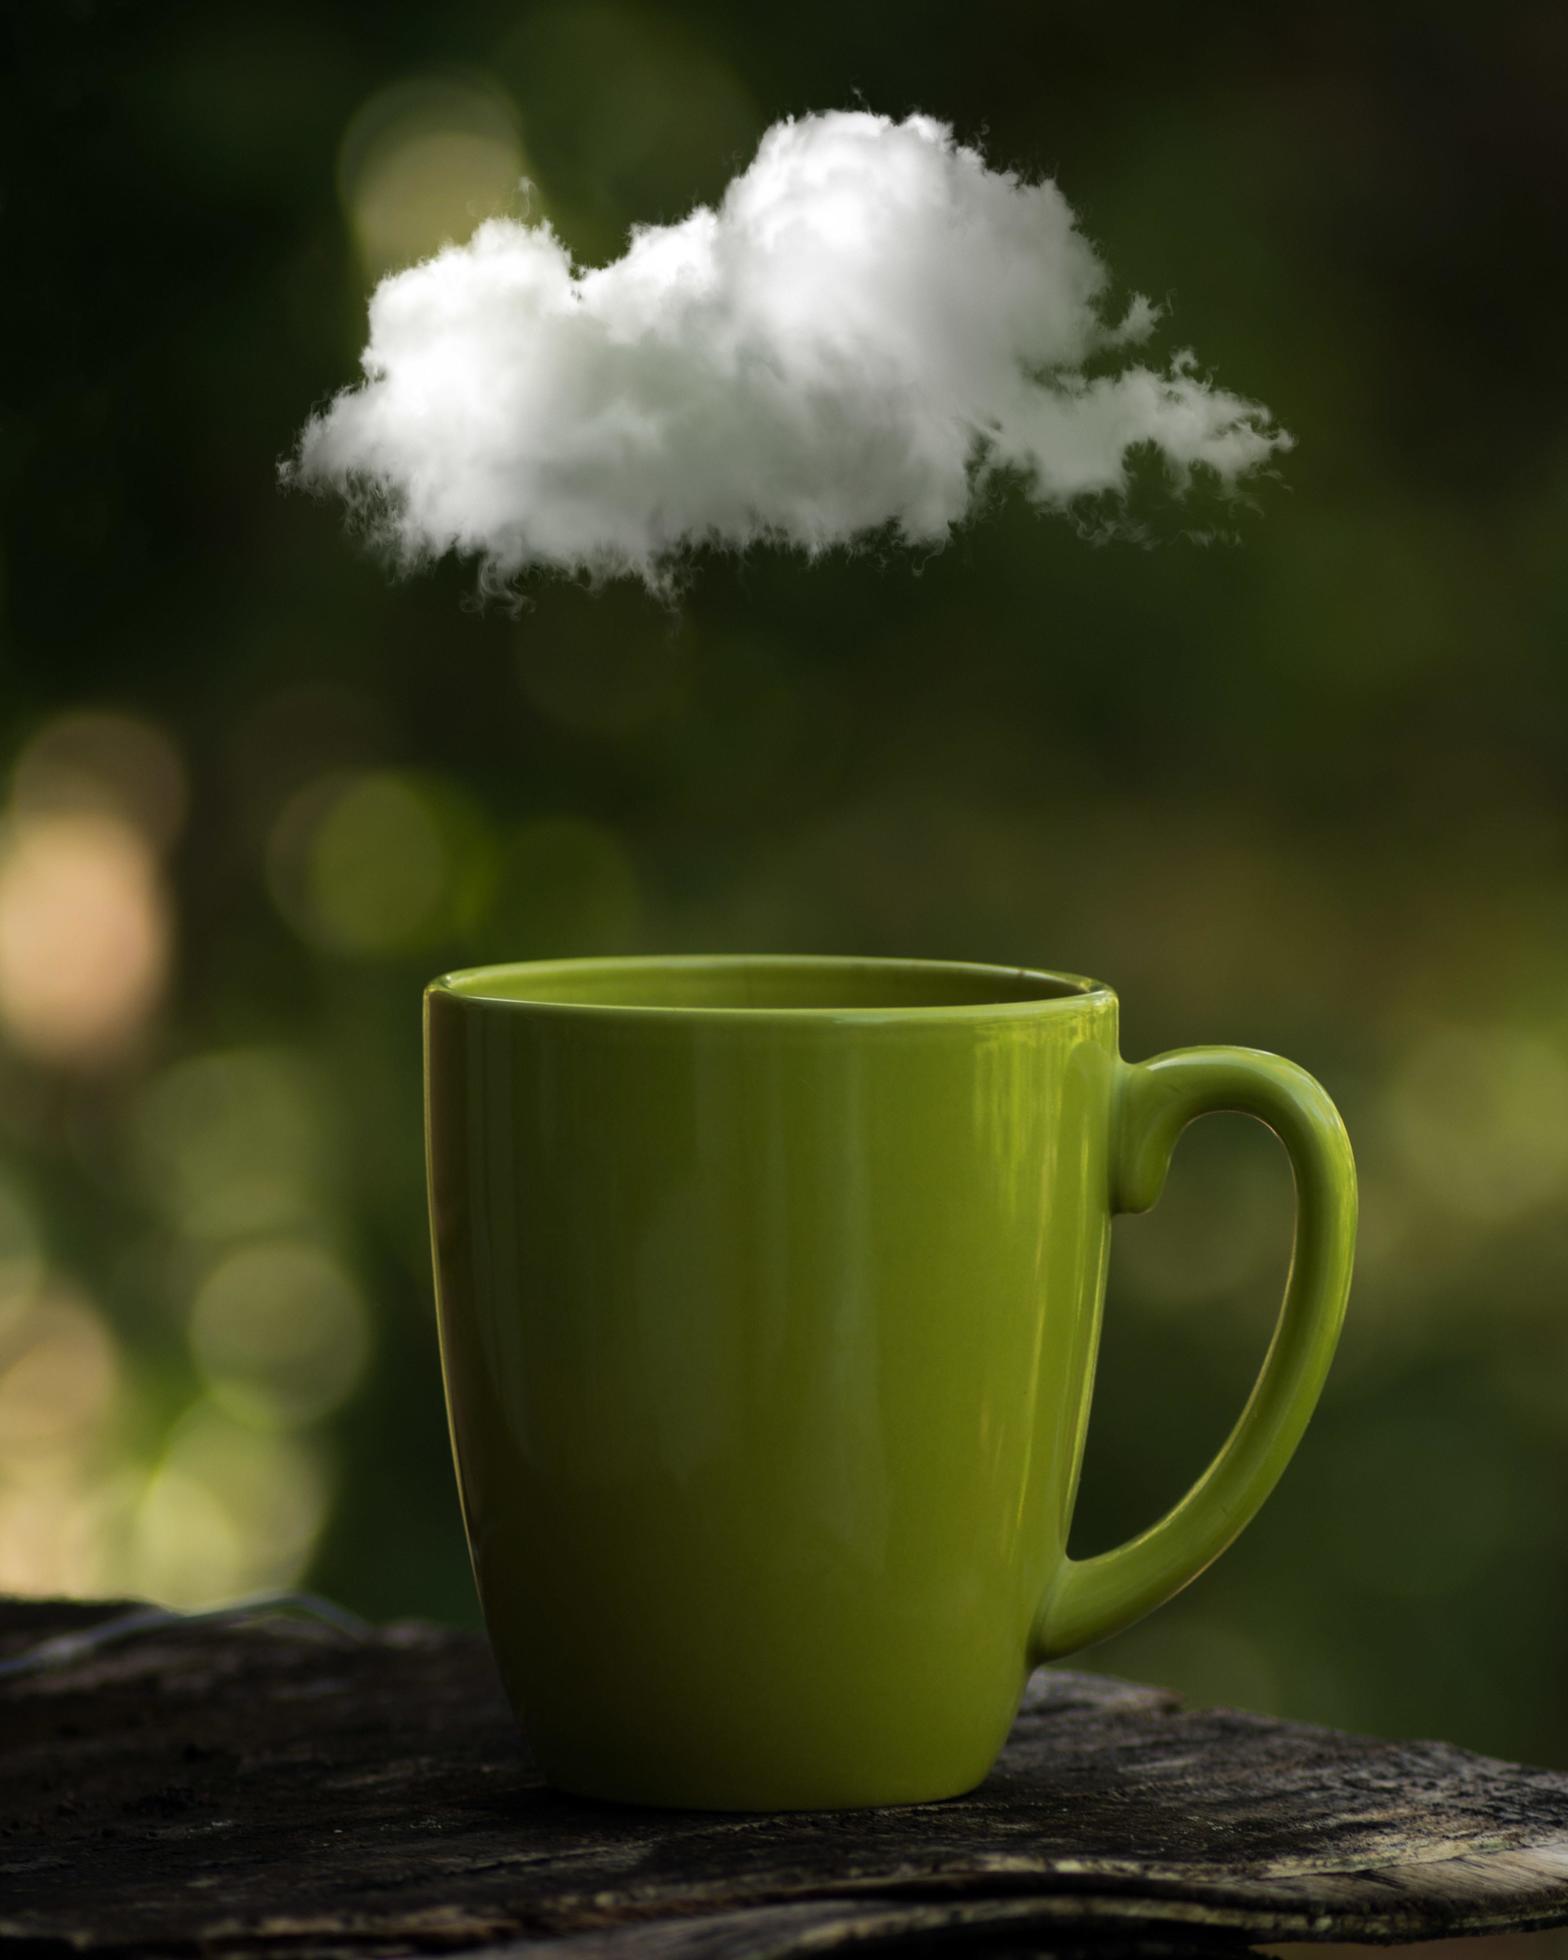 Le Nuage Dans La Tasse : nuage, tasse, Nuage, Tasse, Café, 1233447, Banque, Photos